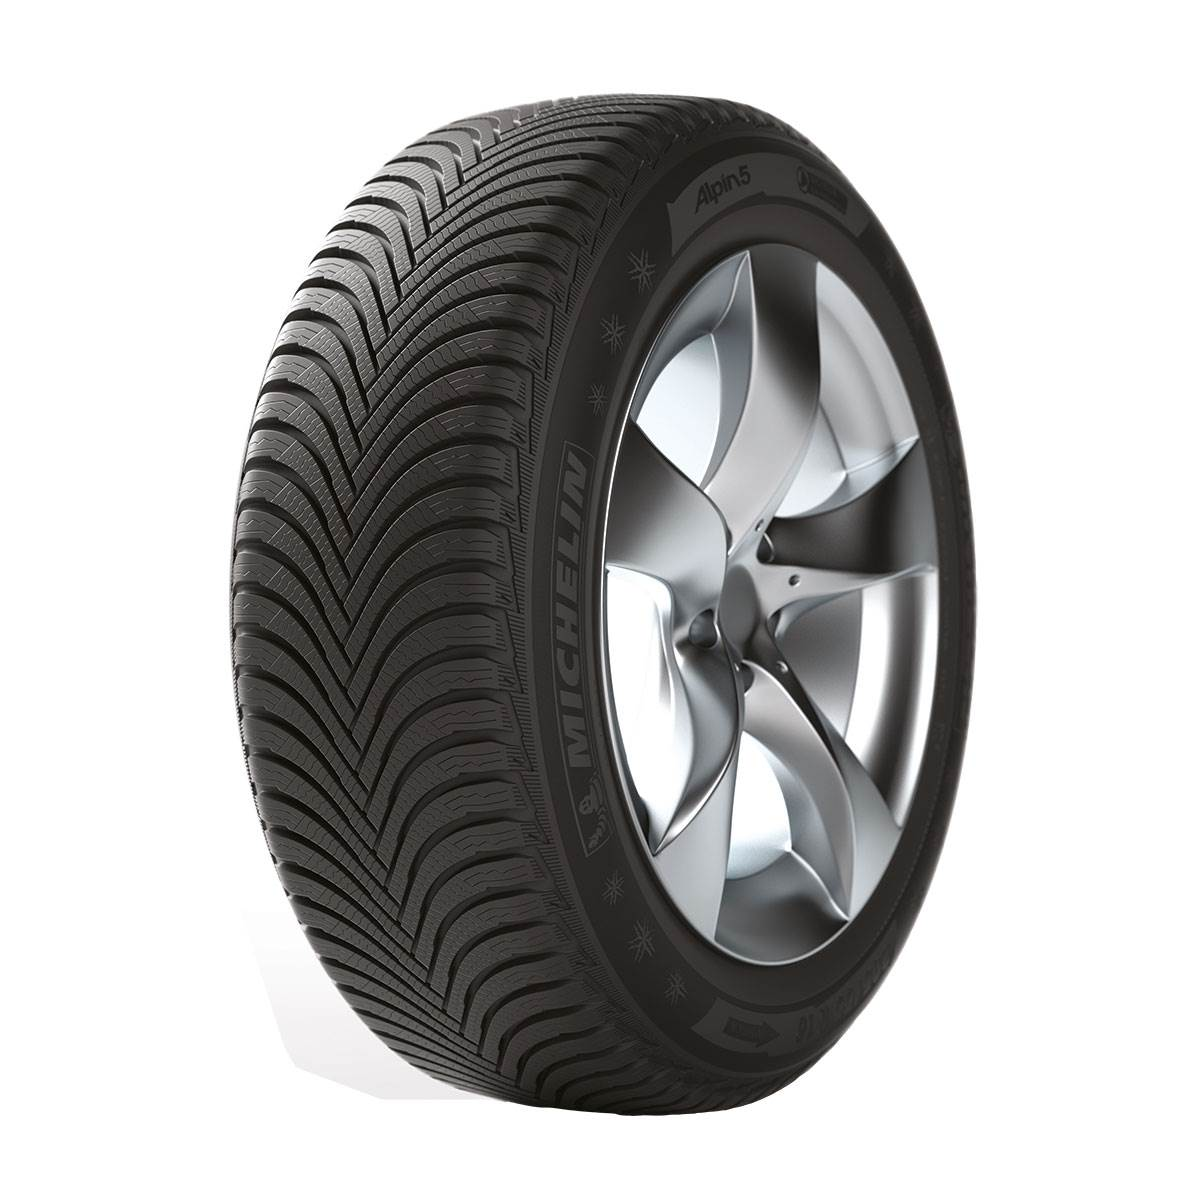 Pneu Hiver Michelin 195/65R15 95H Alpin A5 XL